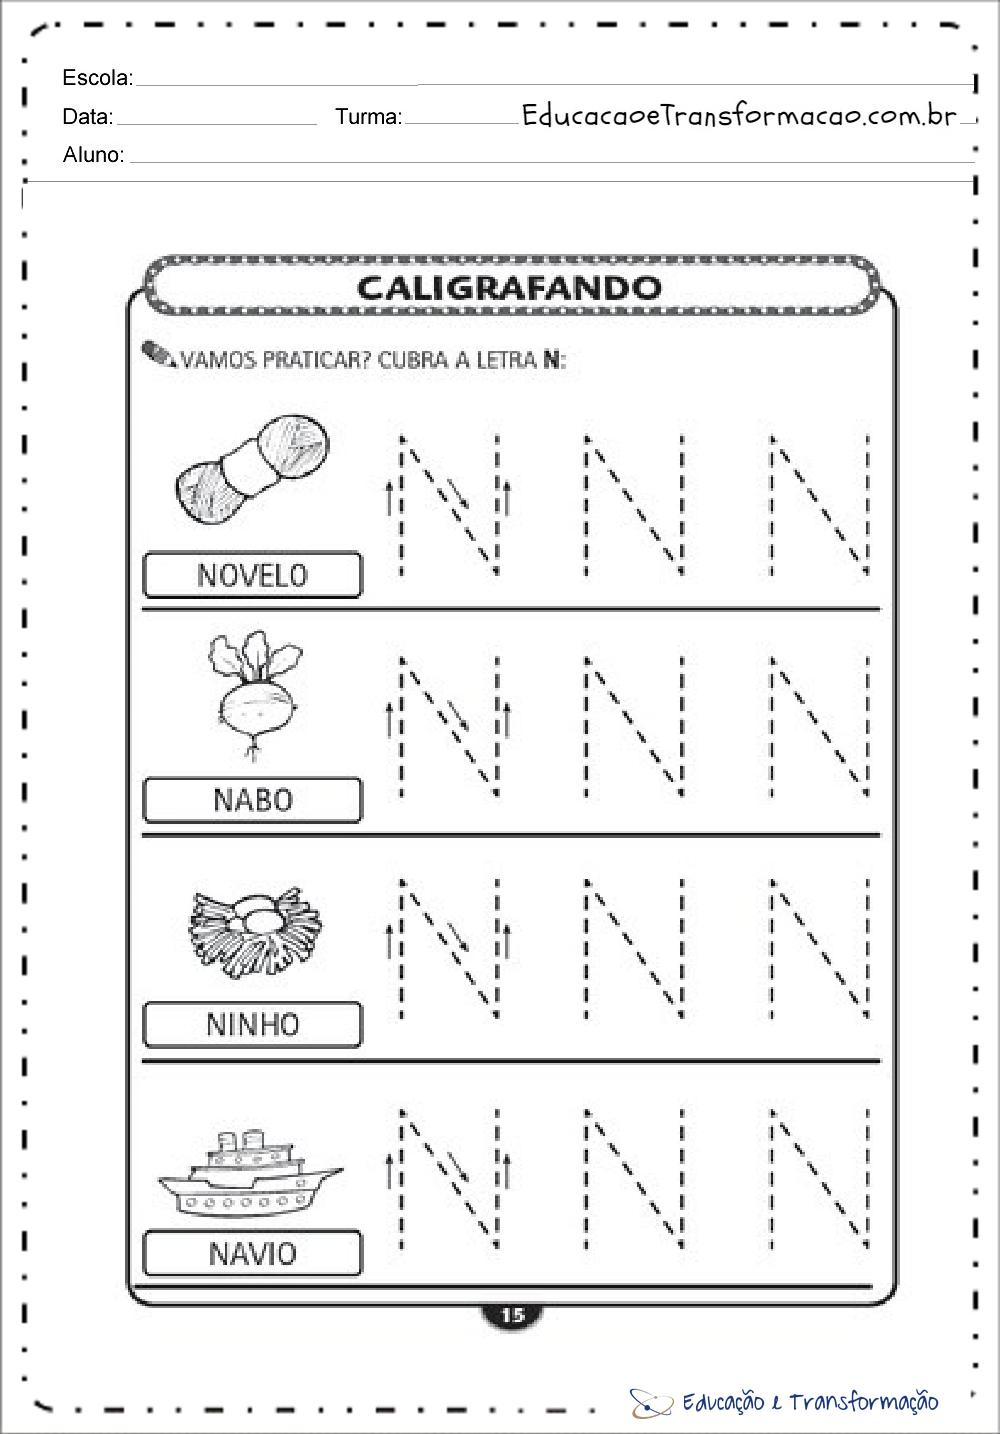 Atividades com a Letra N - Pontilhado (Tracejado)